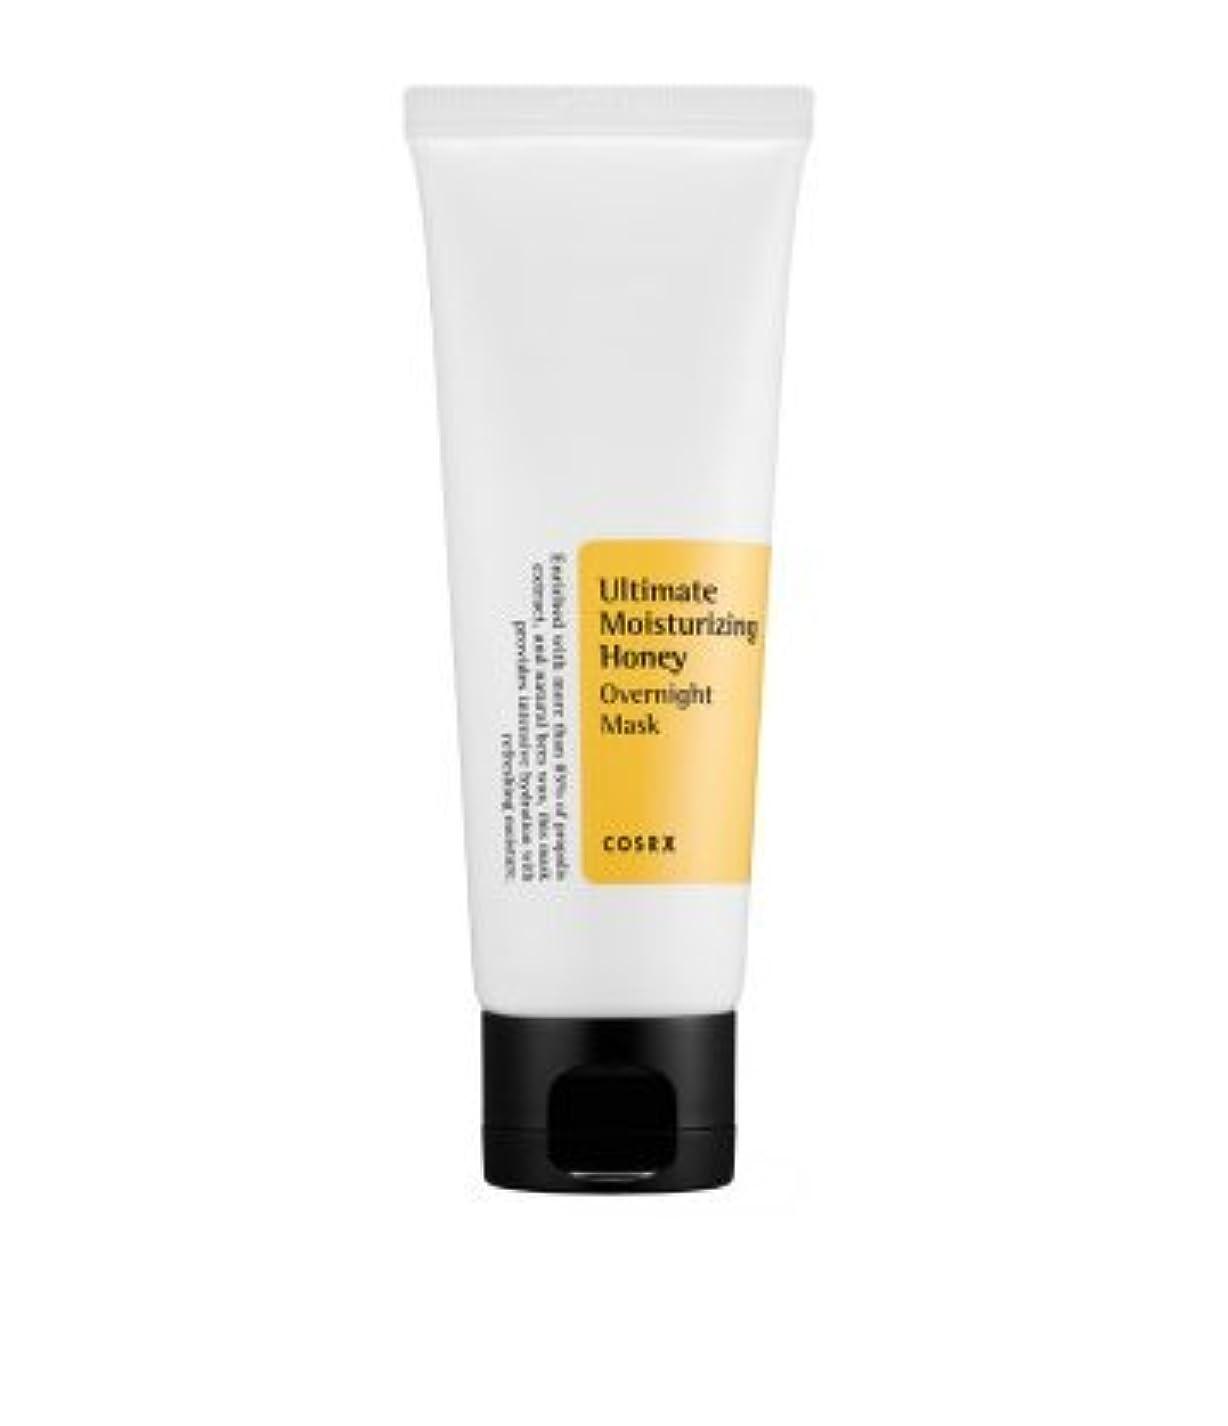 暴露する治療チャンピオンシップCOSRX アルティメット モイスチャライジング ハニー オーバーナイト マスク チューブタイプ(60ml) リニューアル / Ultimate Moisturizing Honey Overnight Mask [並行輸入品]